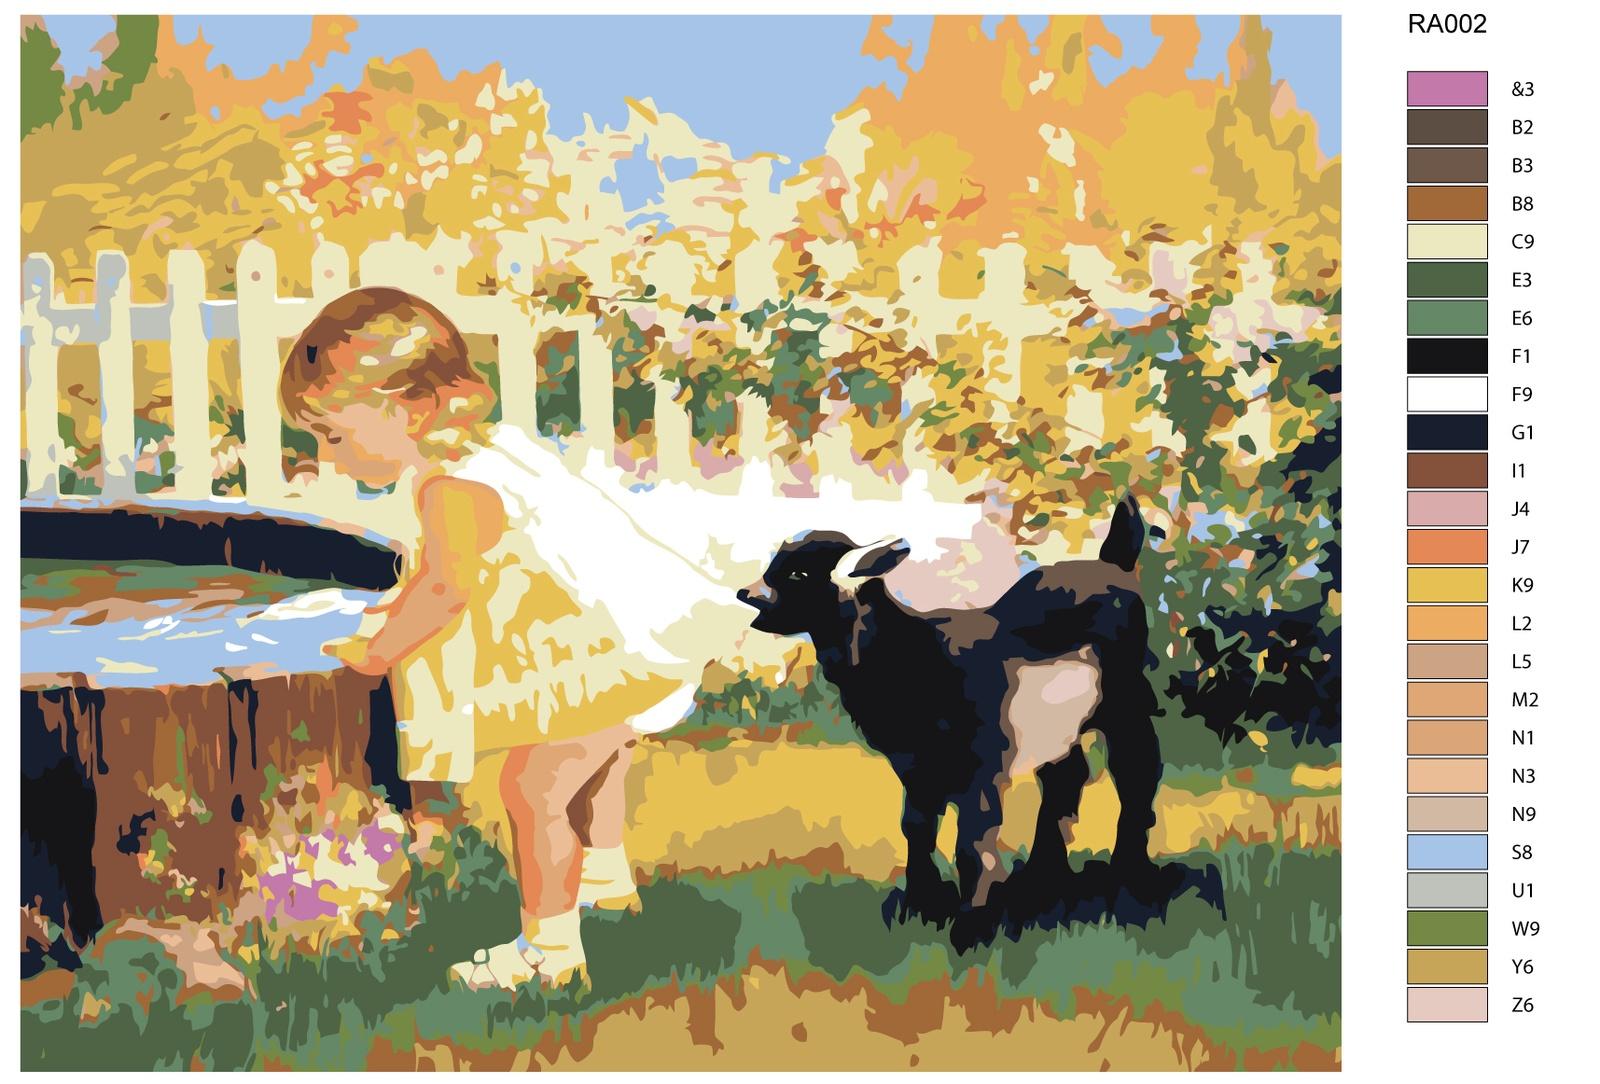 Картина по номерам, 80 x 100 см, RA002